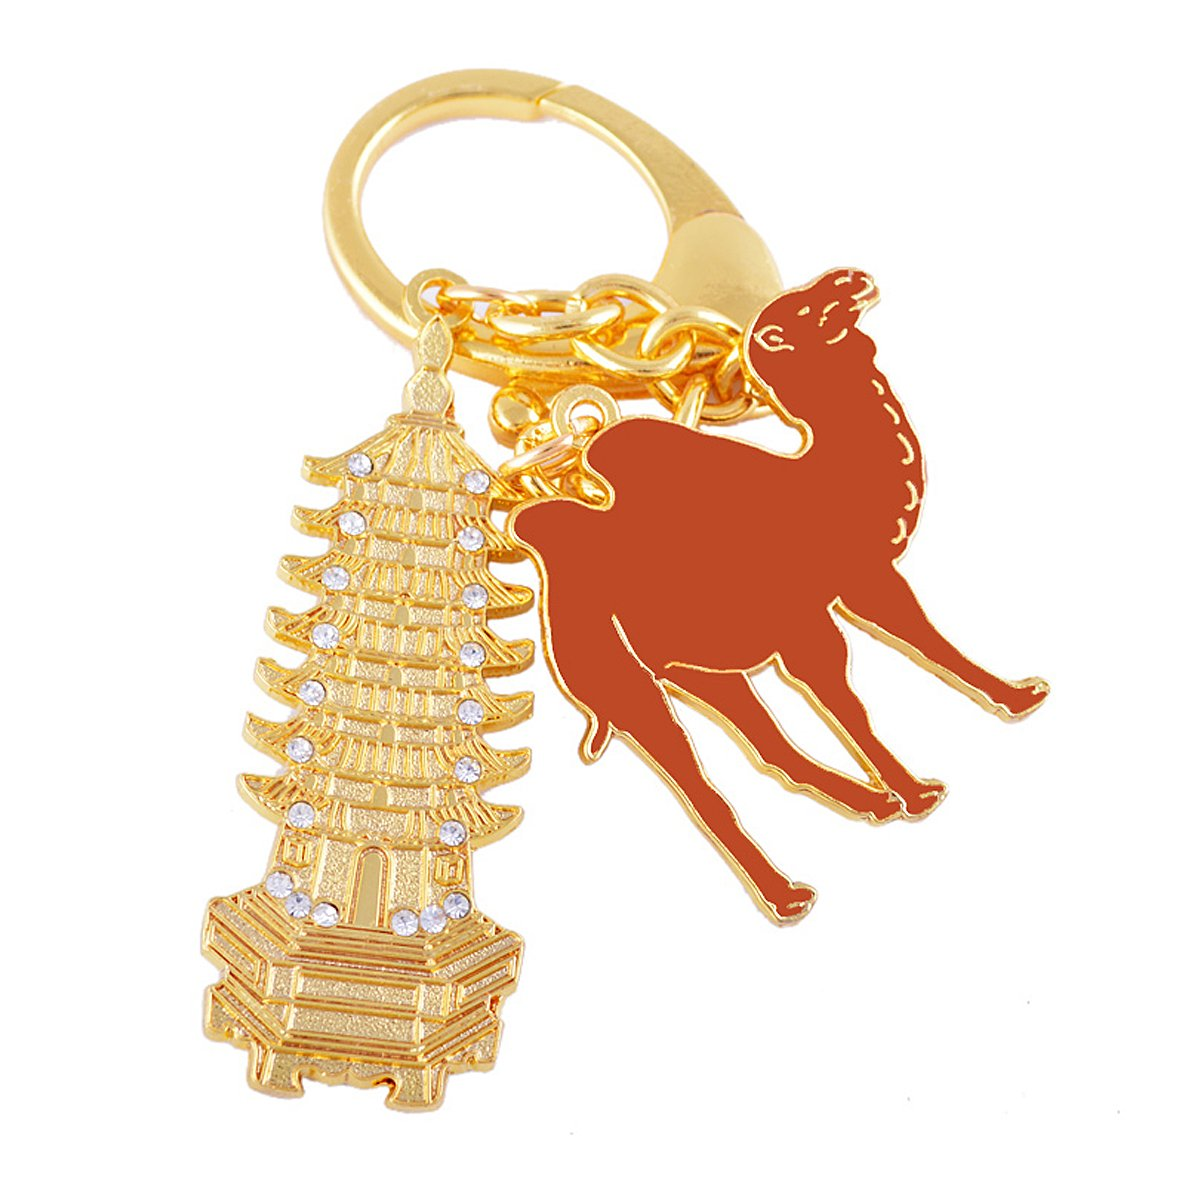 Fengshui siete nivel Pagoda con camello amuleto llavero ...